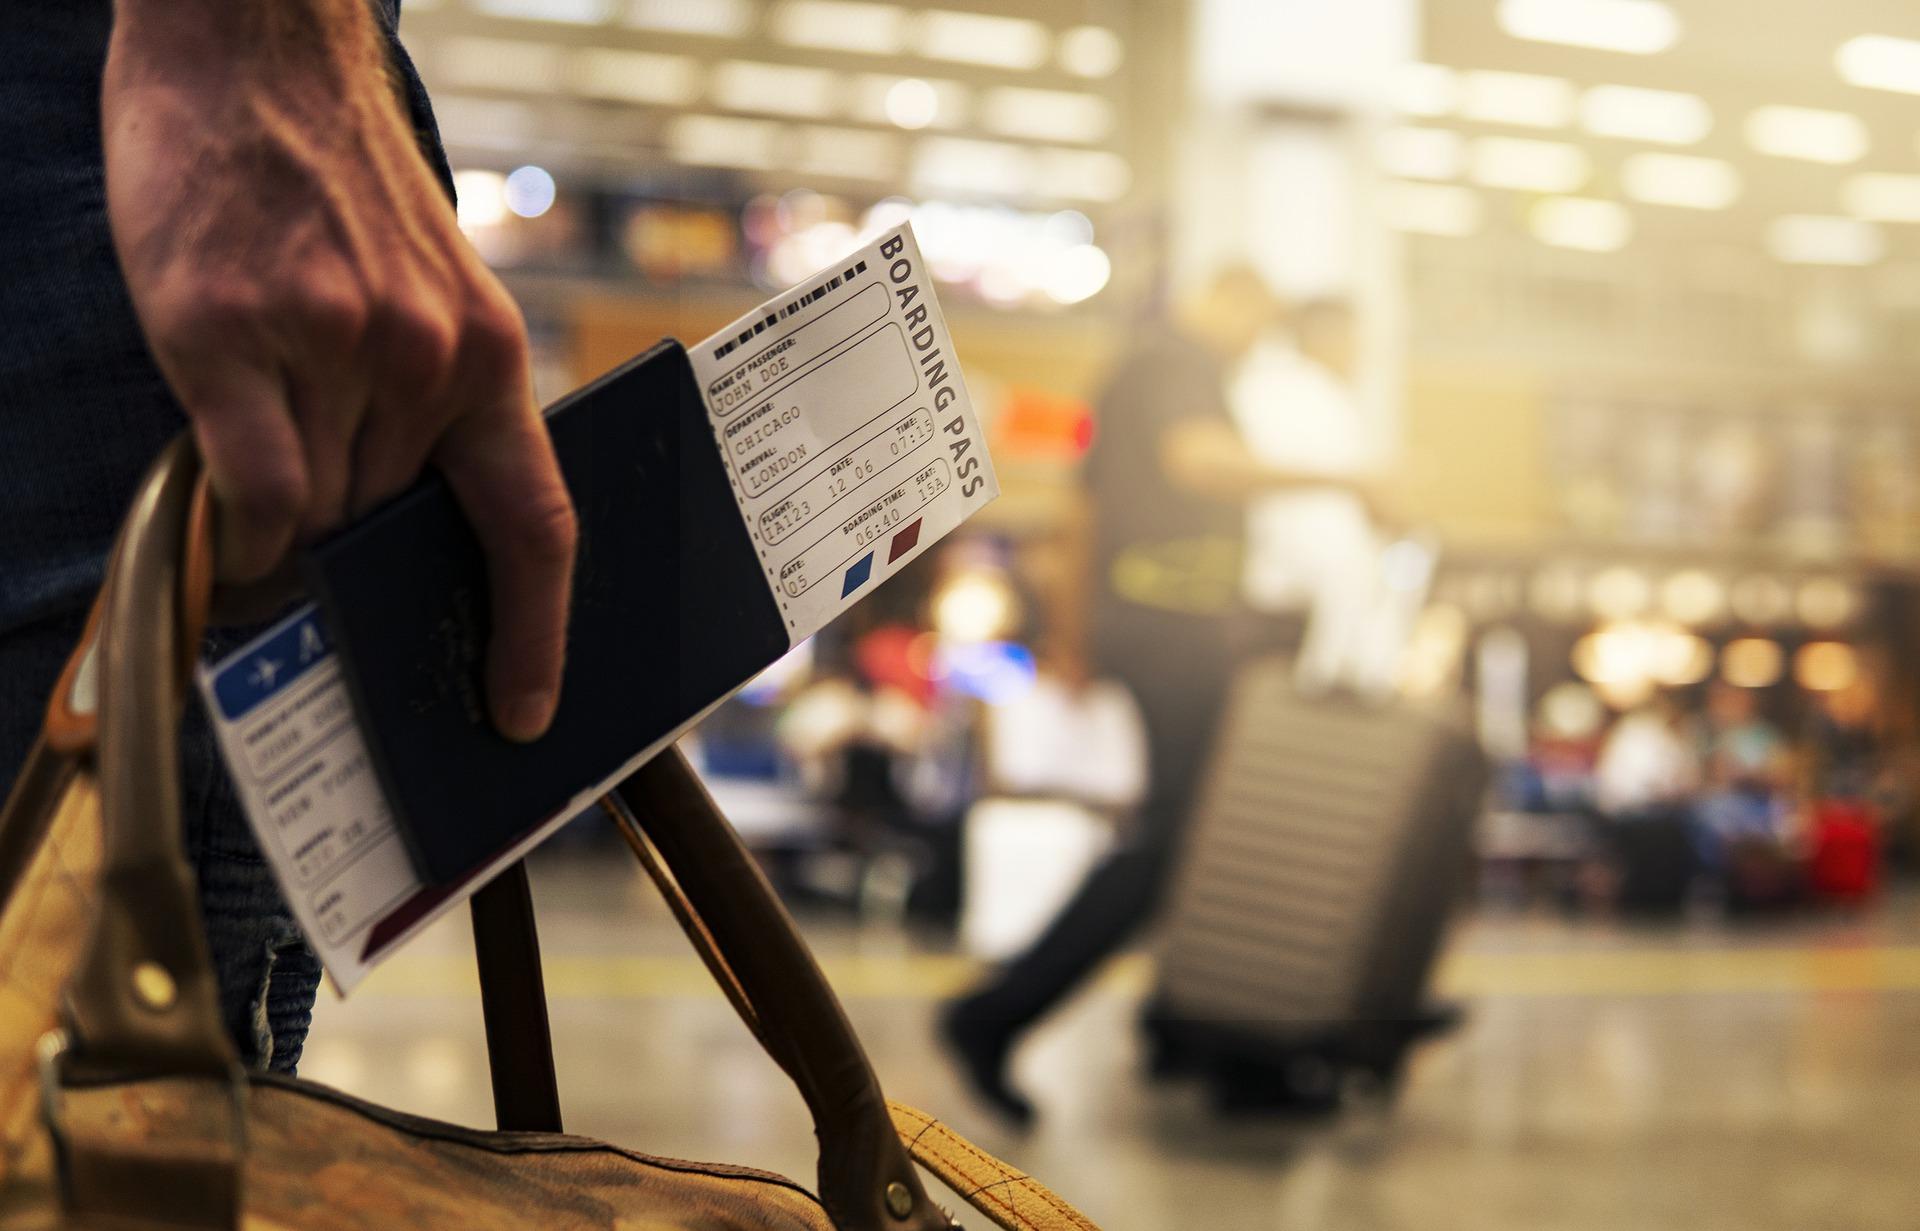 ¿Listo para viajar? La nueva apuesta de Air France incluye reembolsos y vuelos flexibles